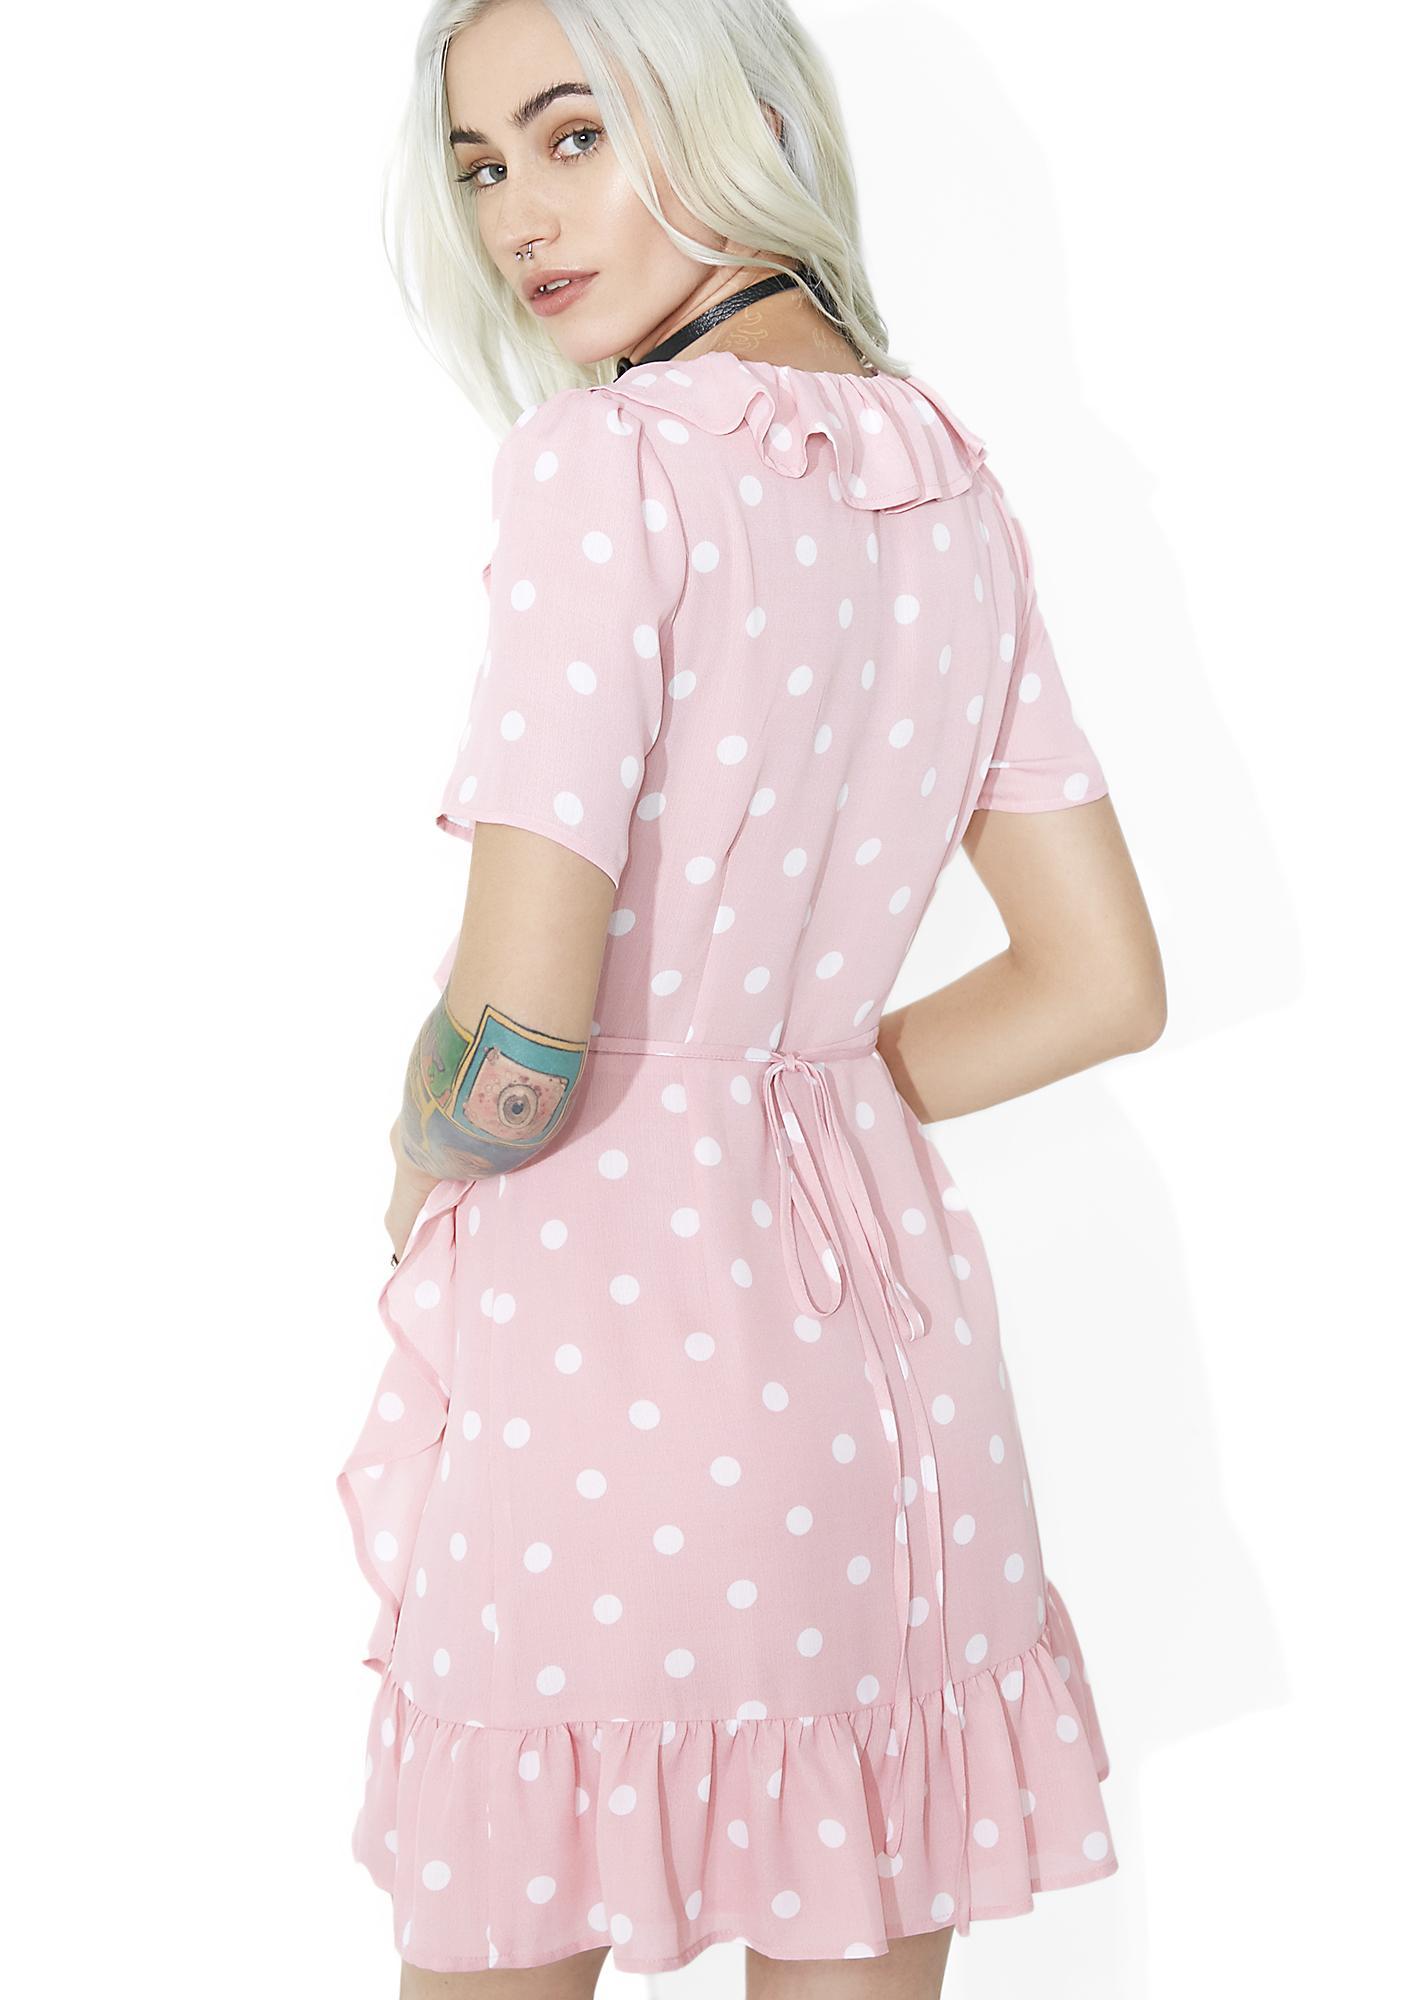 Lola Ruffled Wrap Dress